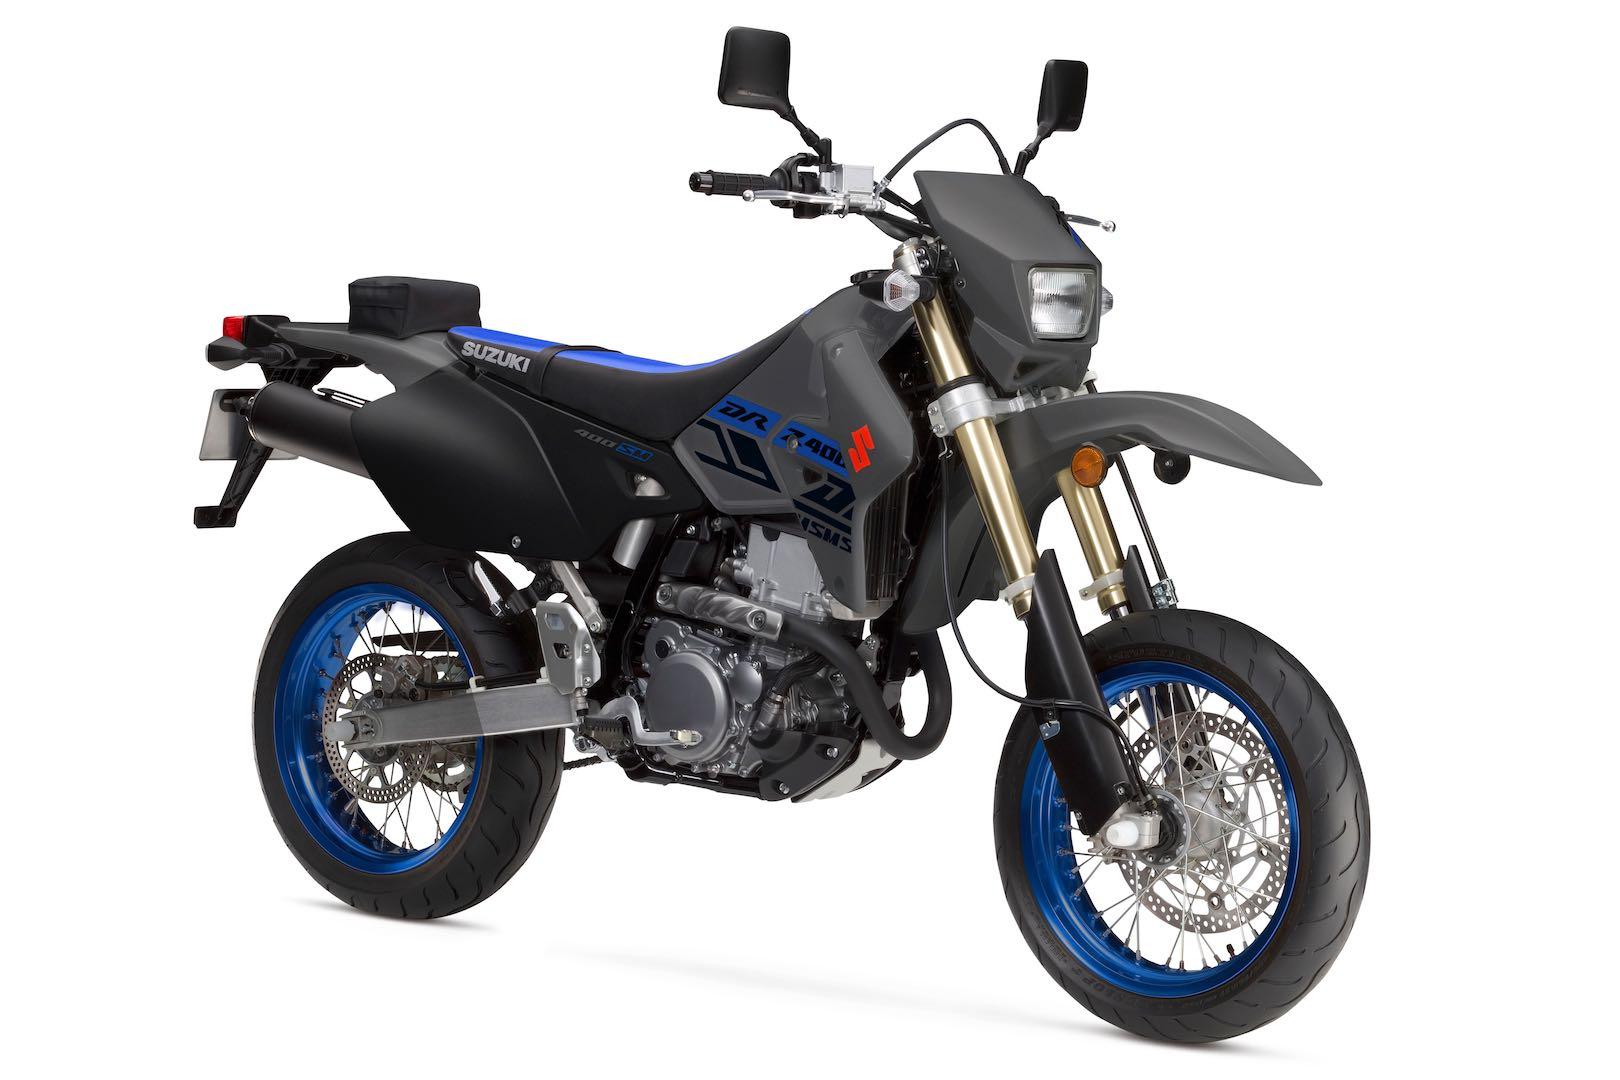 2020 Suzuki Dr